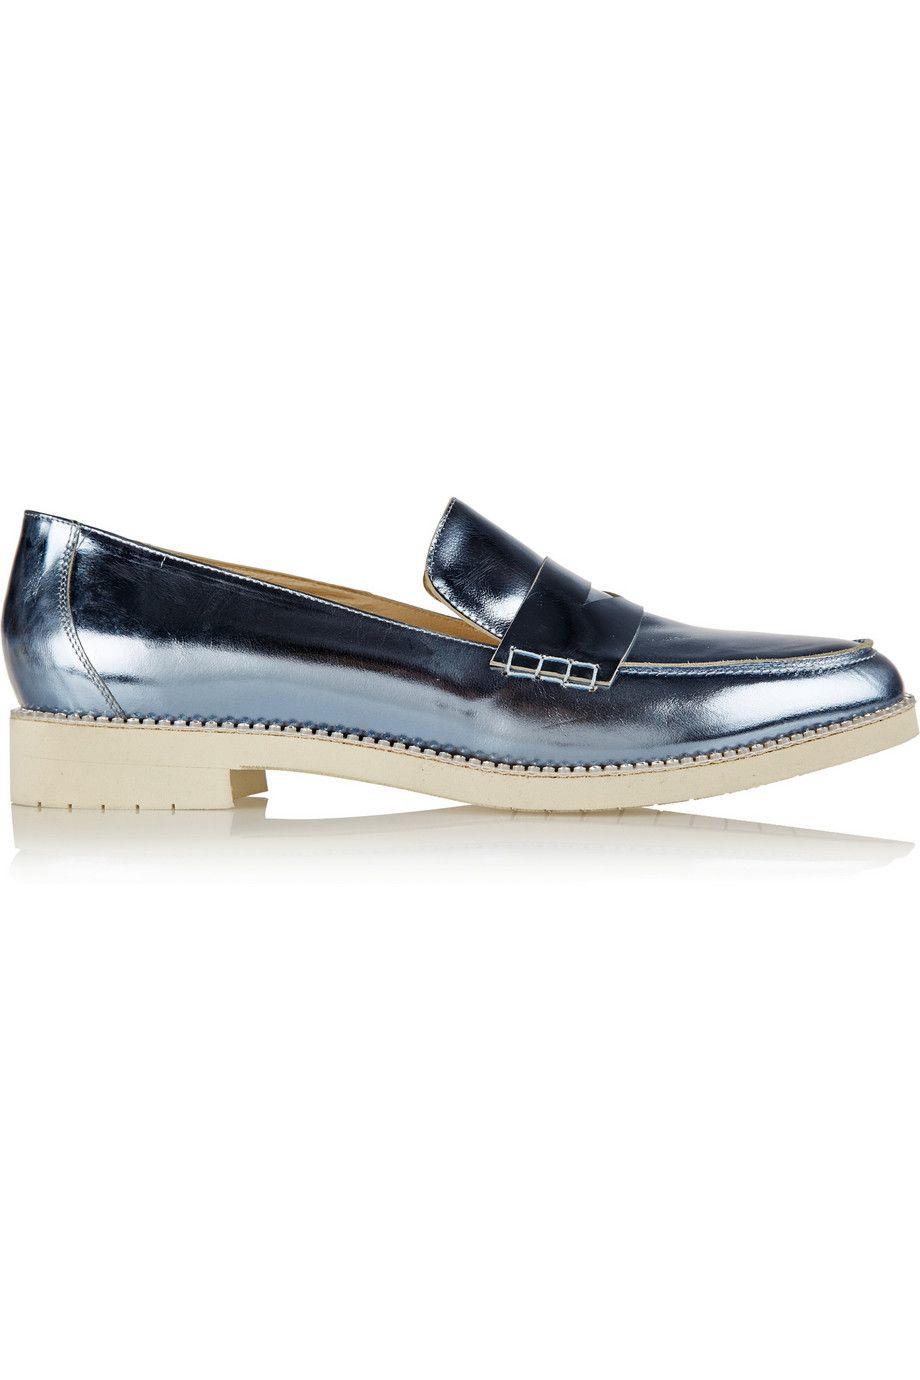 """<p>Oscar de la Renta Tenzin Embellished Metallic Leather Loafers, $690; <a href=""""http://www.net-a-porter.com/us/en/product/577788"""" target=""""_blank"""">net-a-porter.com</a></p>"""